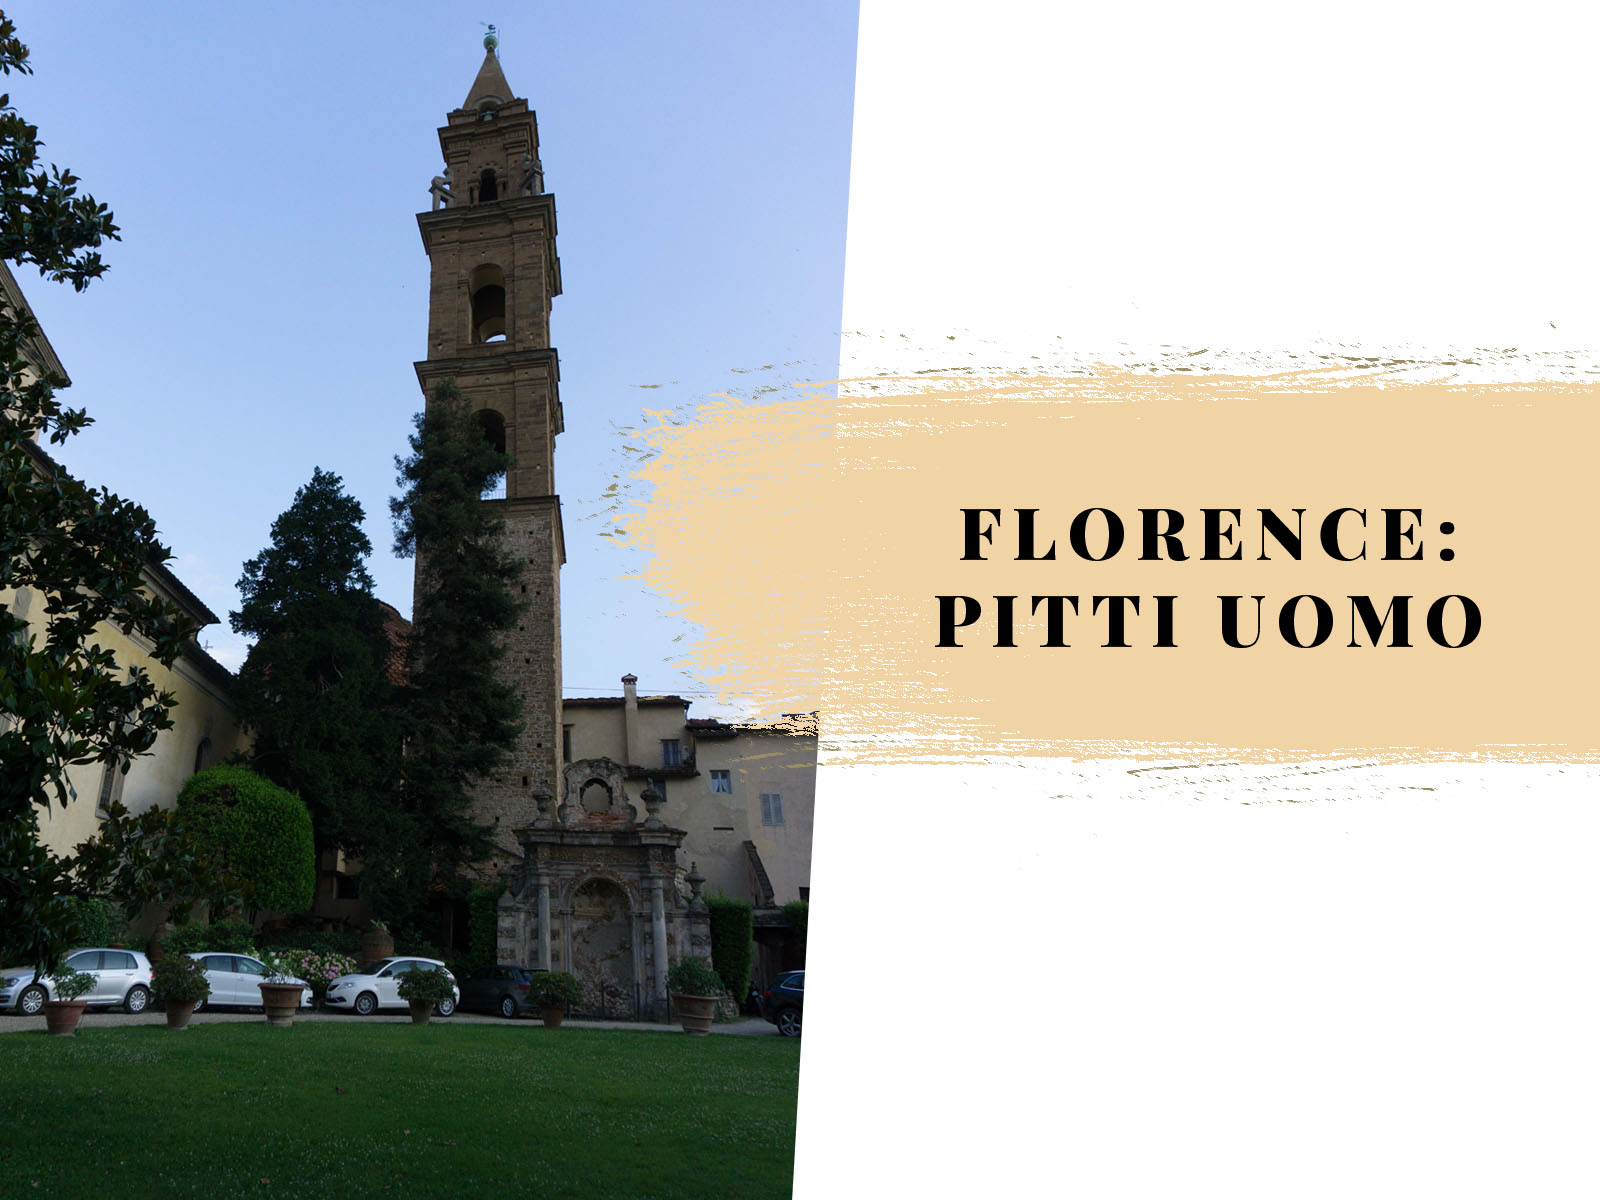 florence: pitti uomo